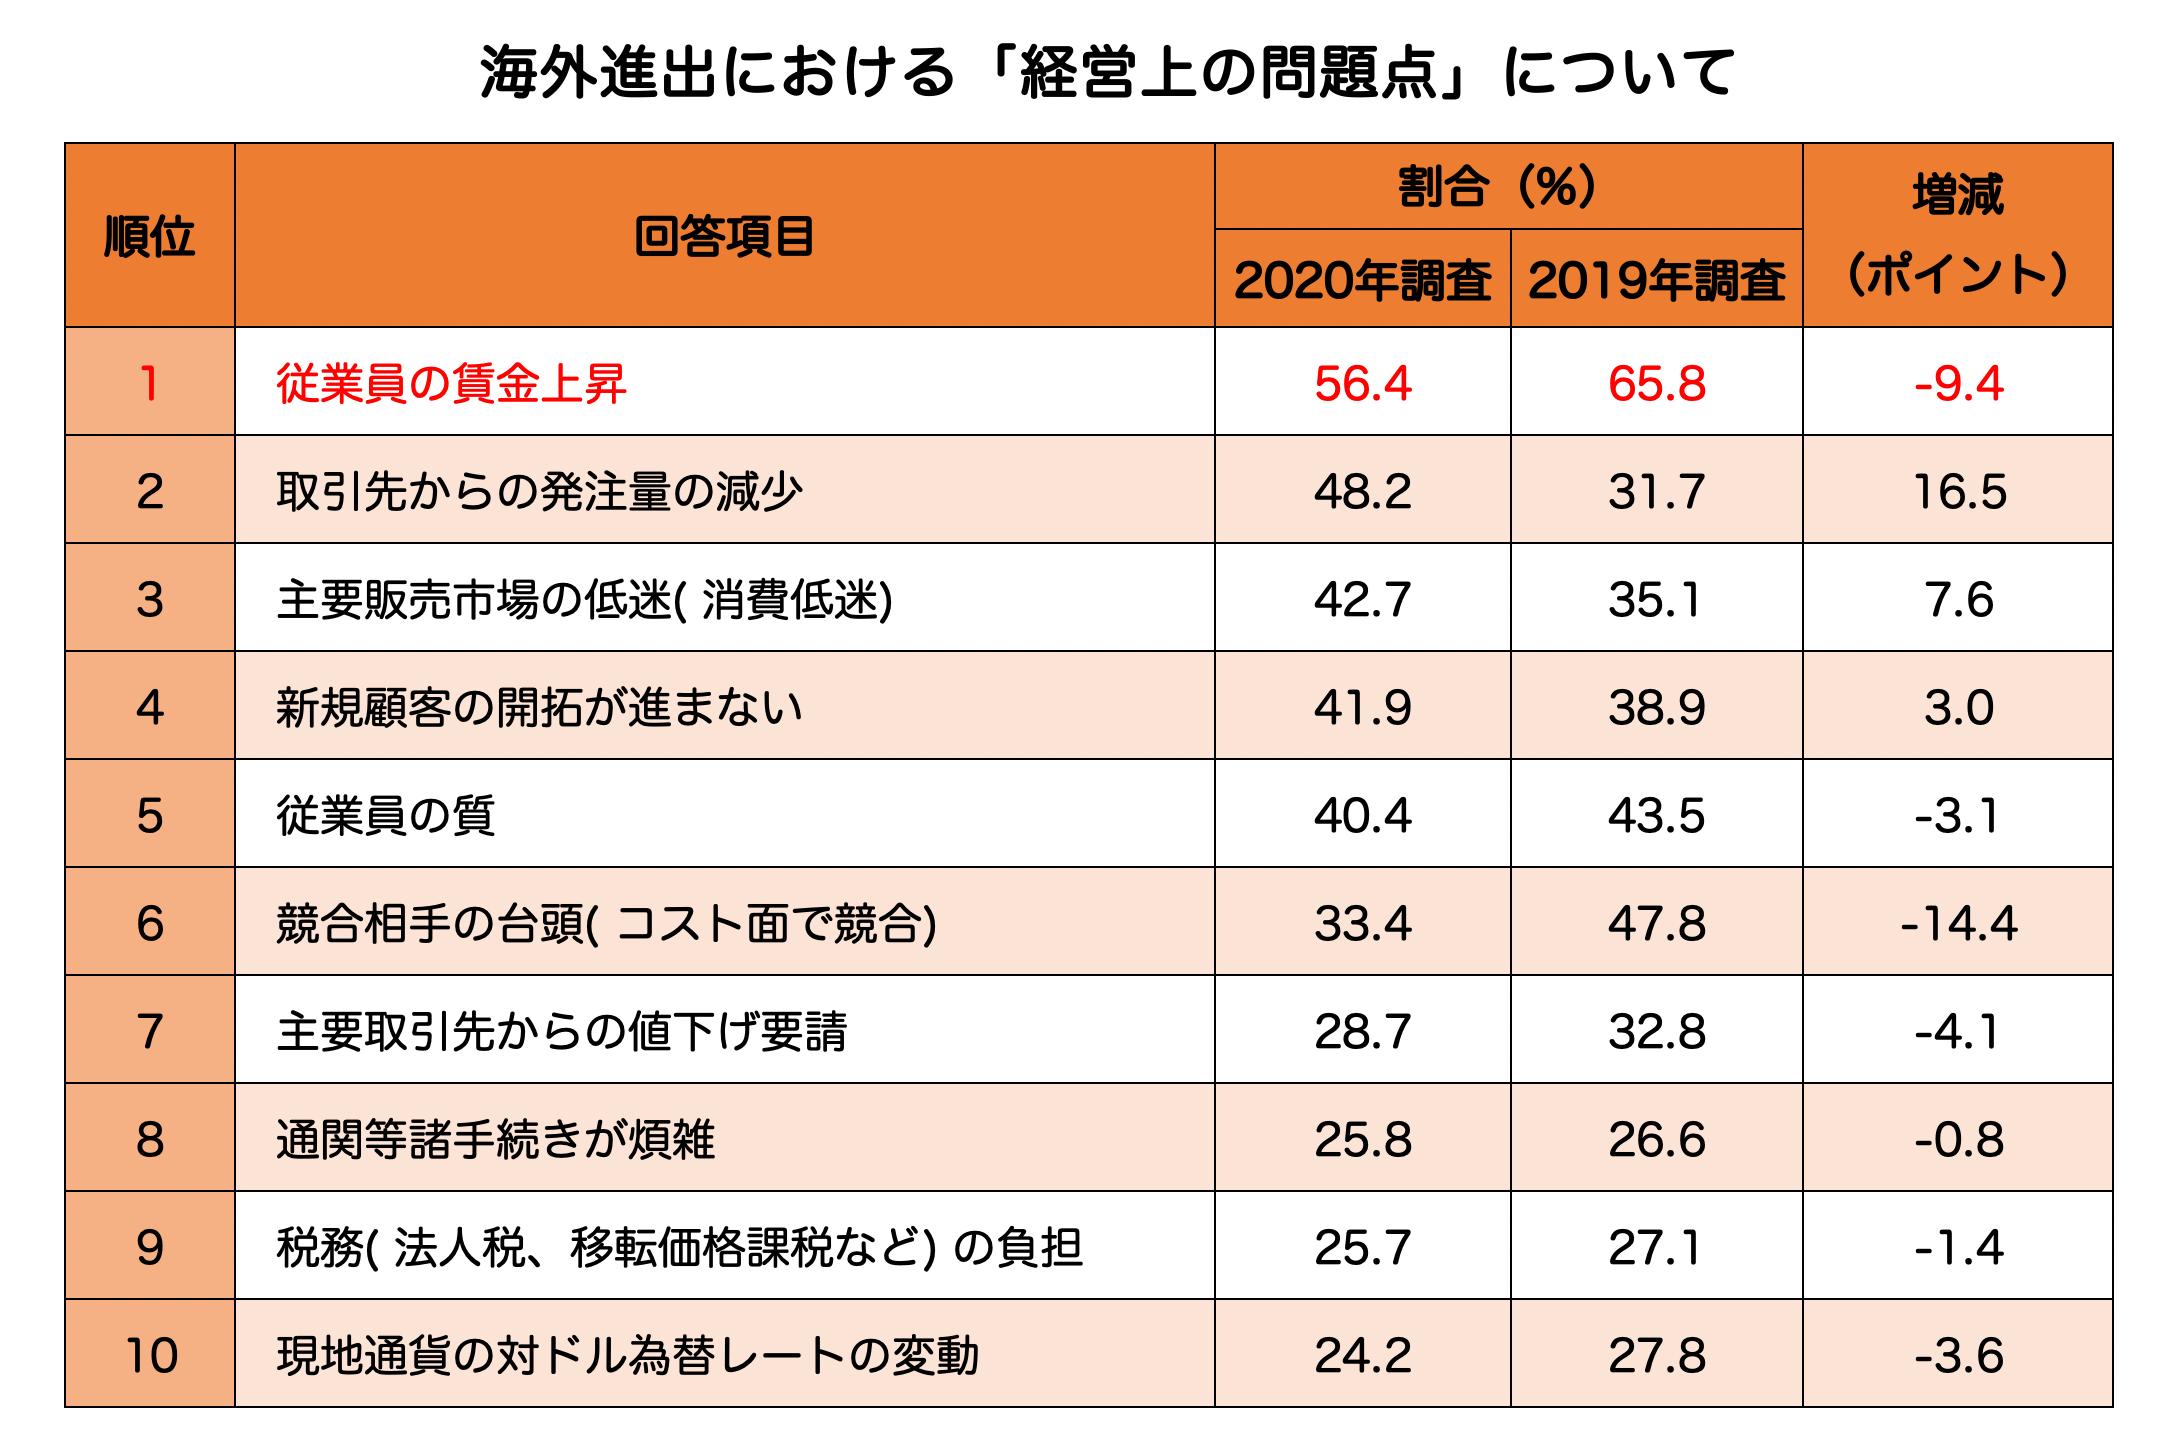 最低賃金_海外進出における経営上の問題点について